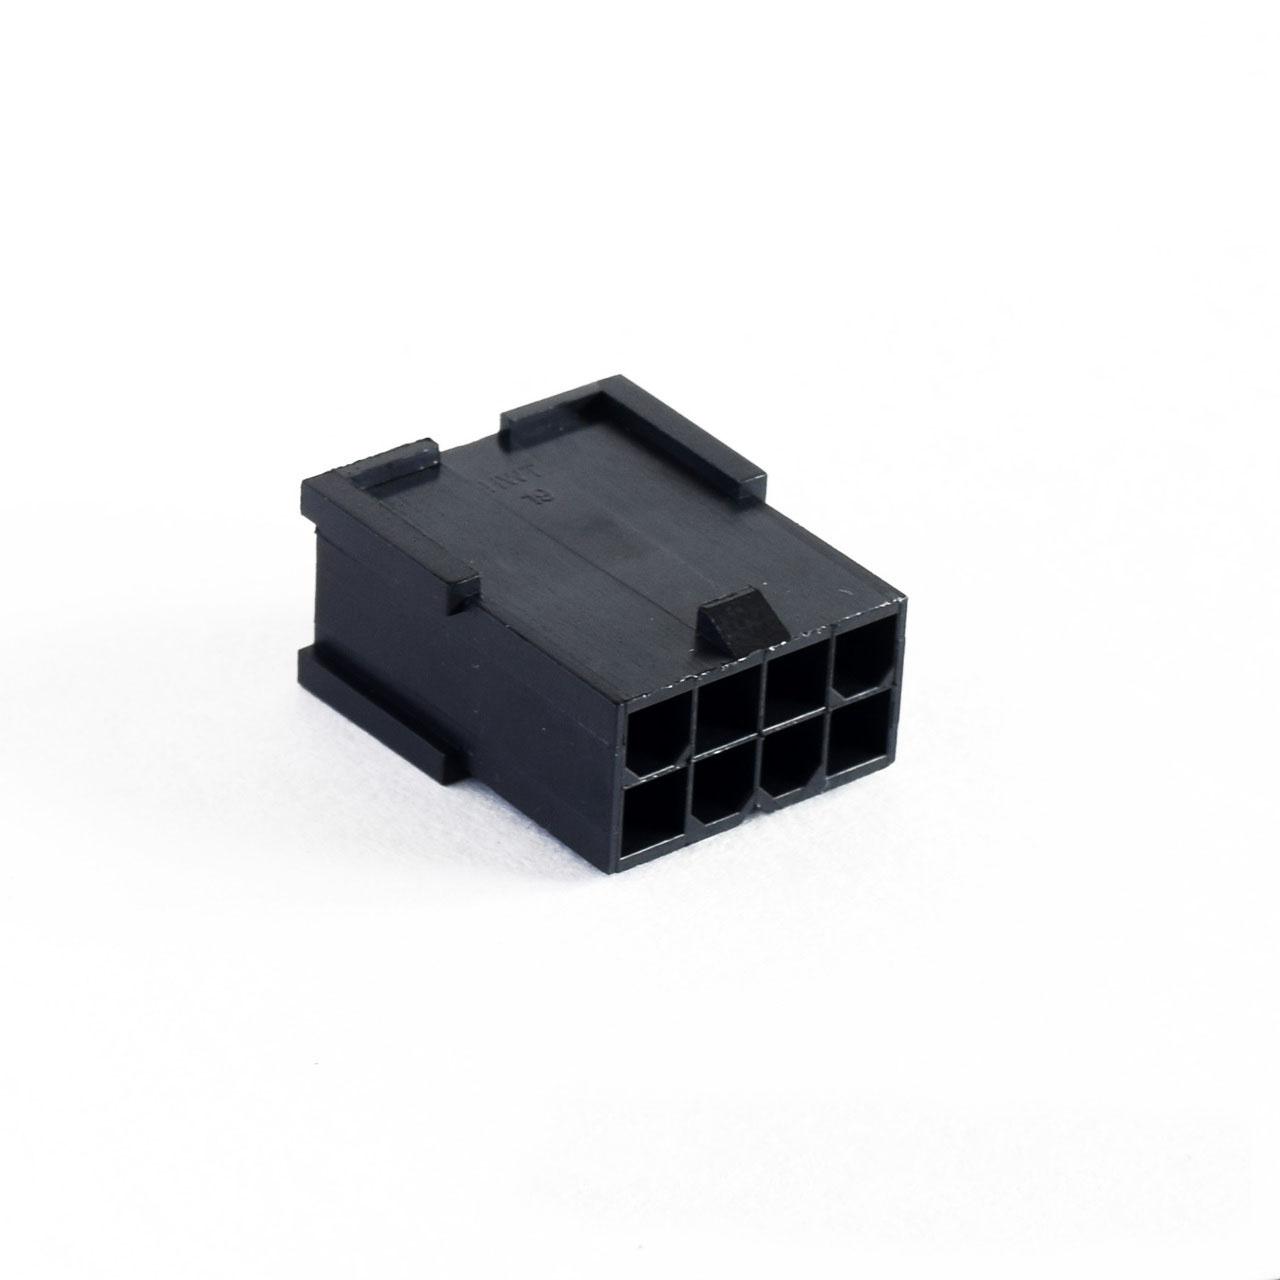 Connecteur Mâle 8 pins broches EPS (CPU) - Noir